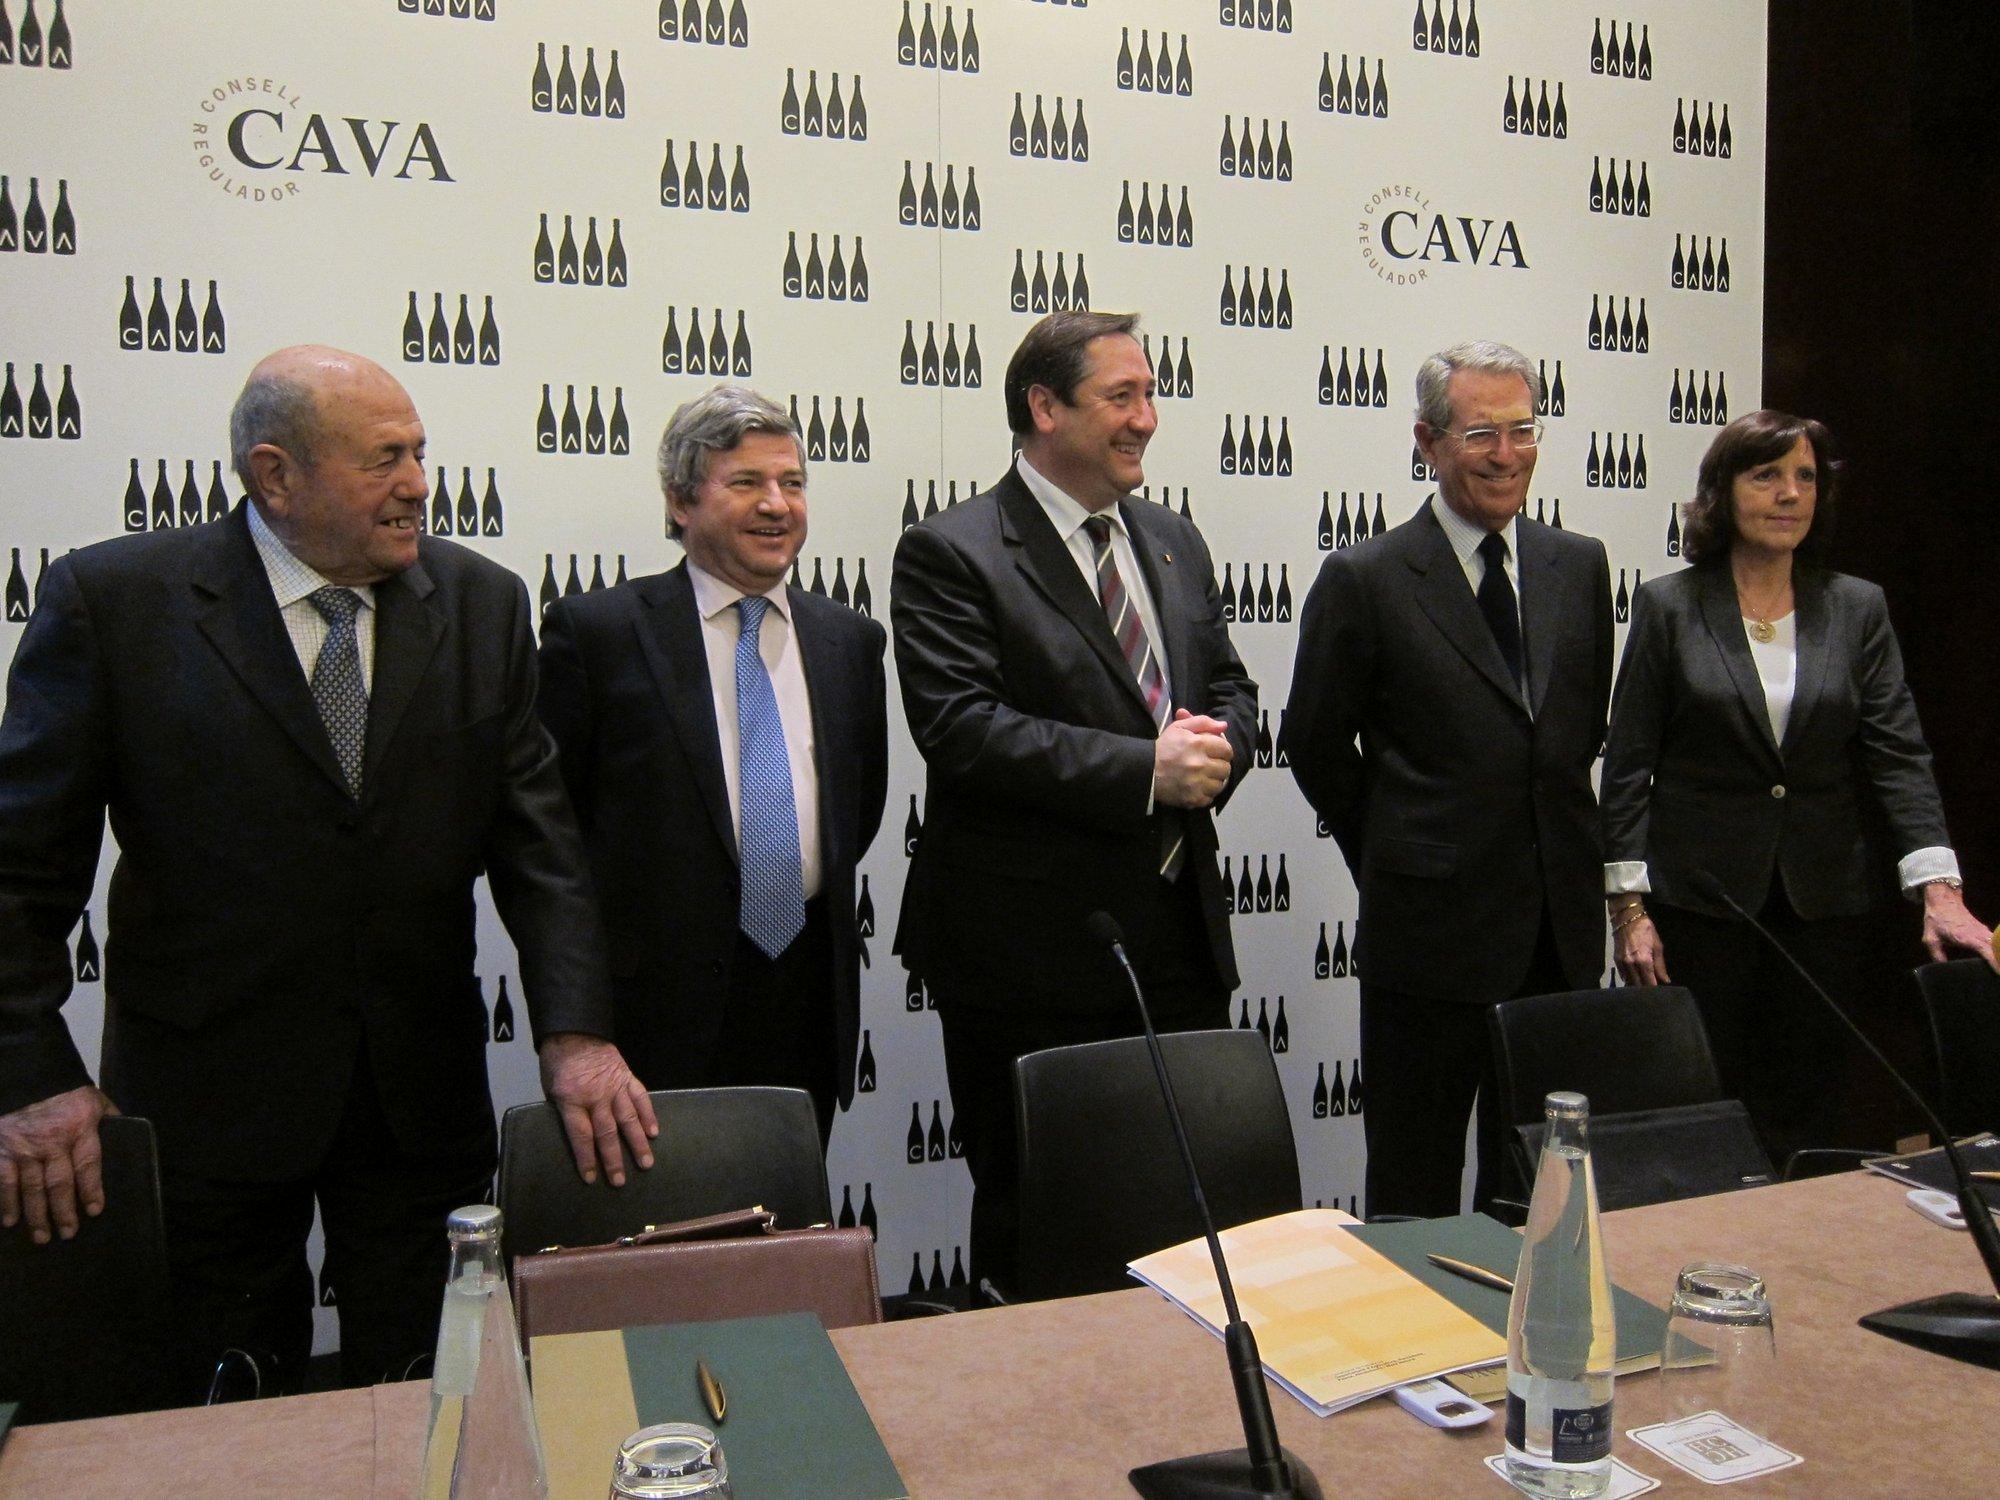 El sector del cava bate récord de ventas en el exterior y supera los 150 millones de botellas en 2011